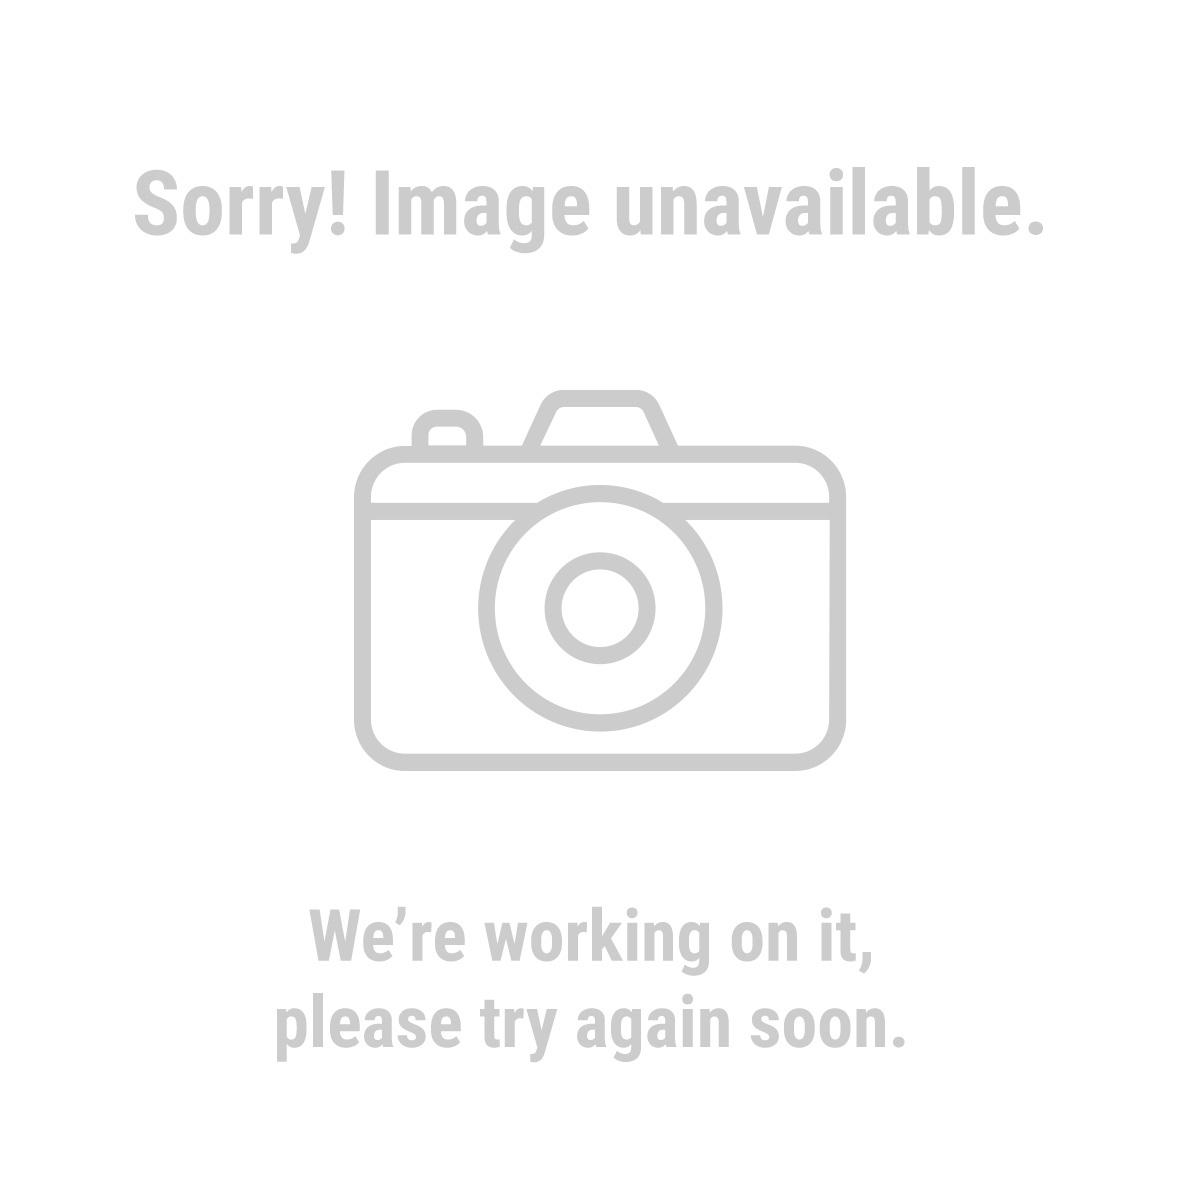 Haul-Master® 90799 1000 Lb. Capacity Bi-Fold Aluminum Ramp